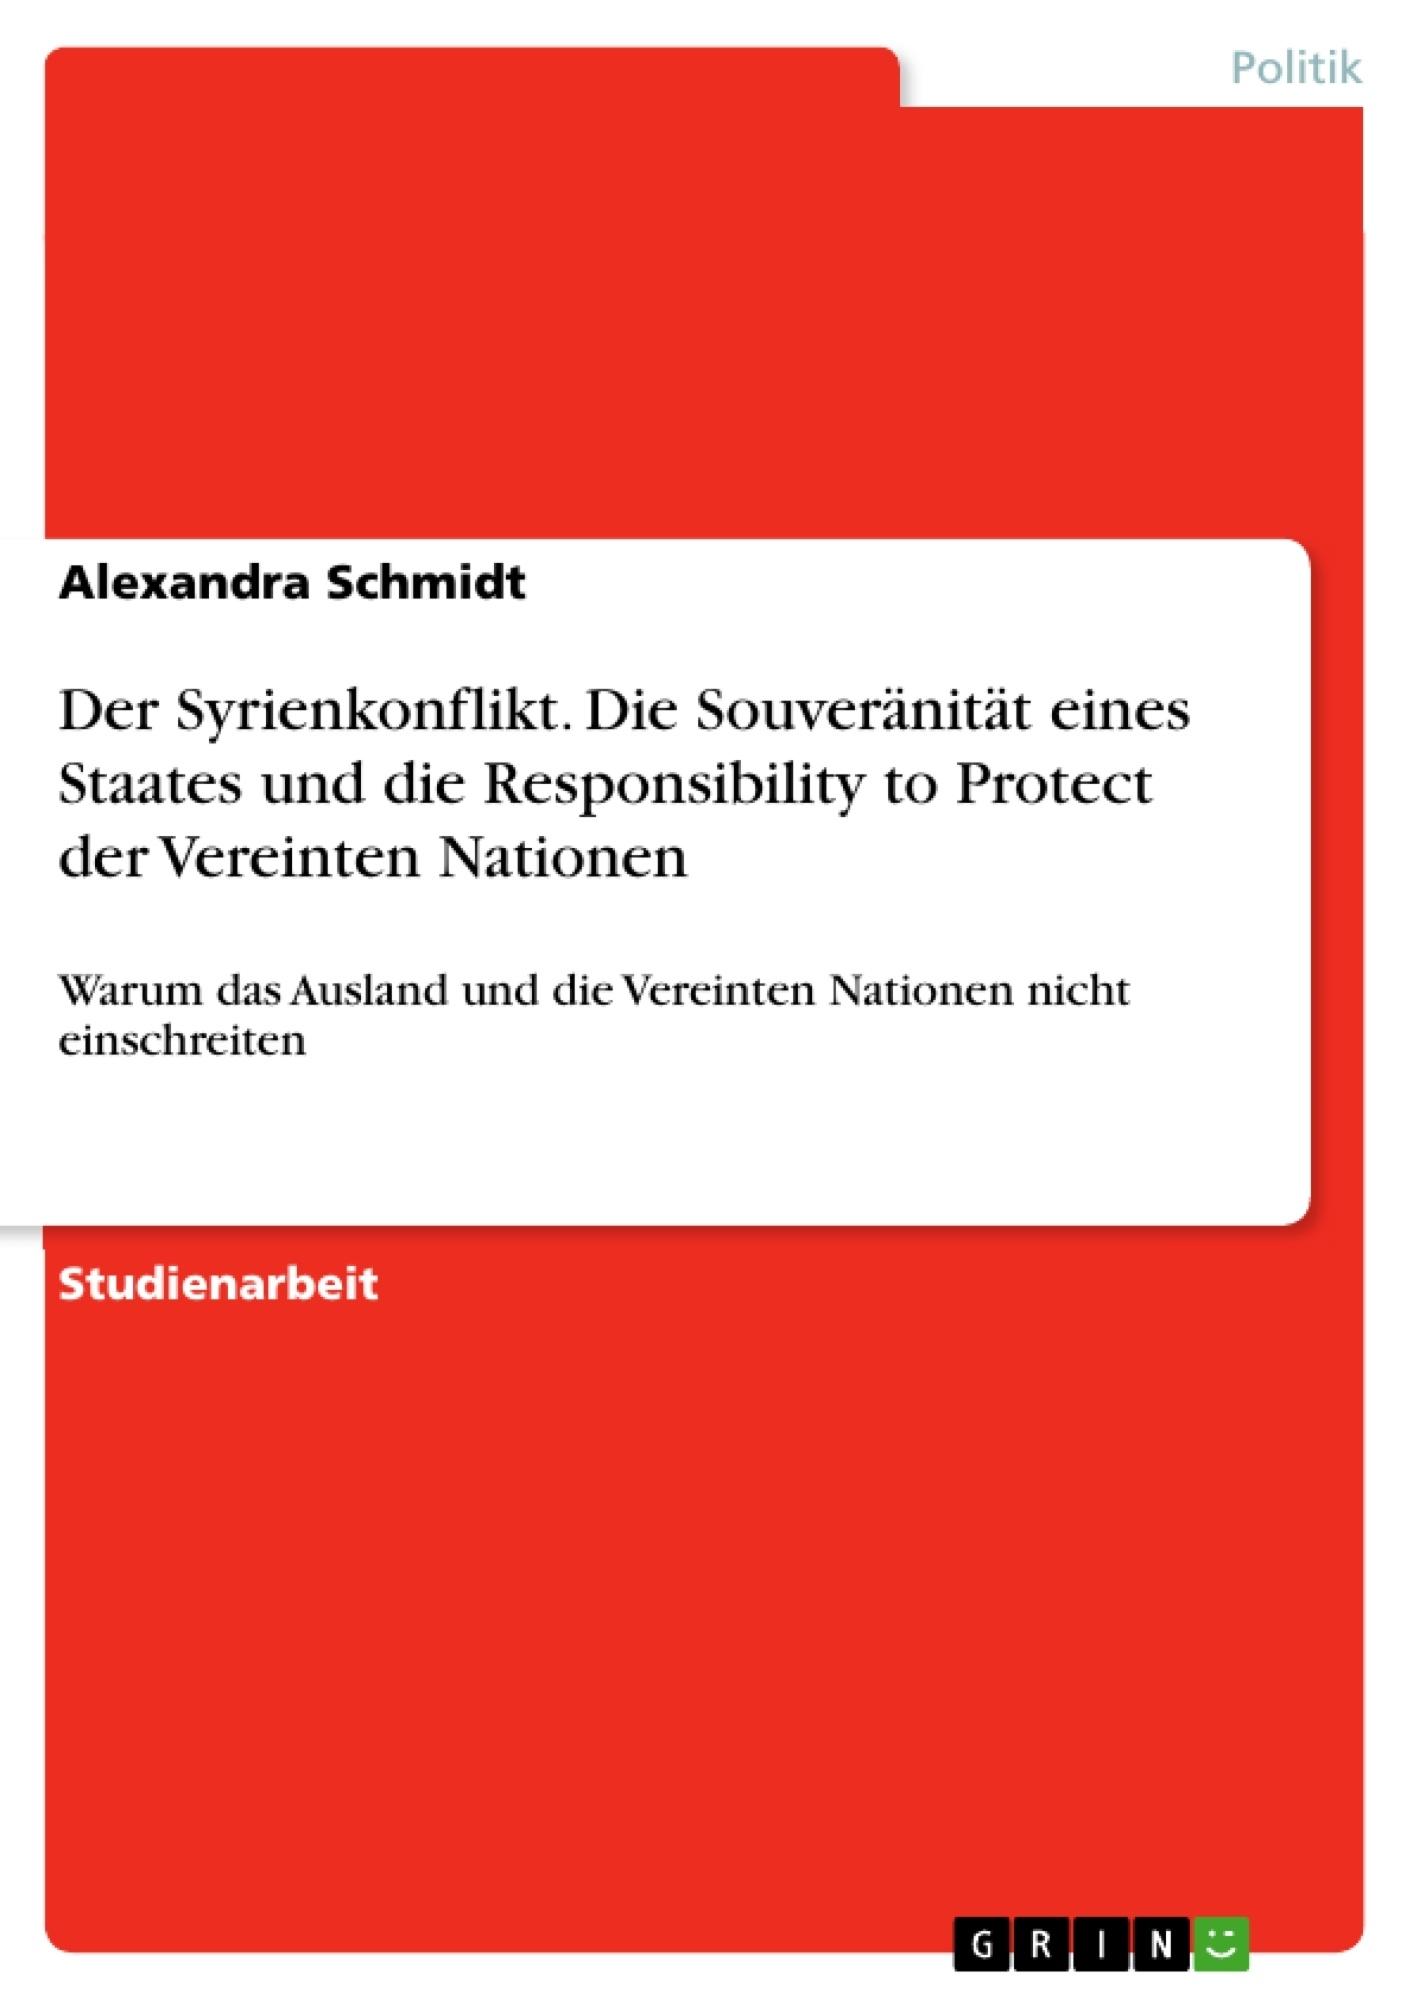 Titel: Der Syrienkonflikt. Die Souveränität eines Staates und die Responsibility to Protect der Vereinten Nationen